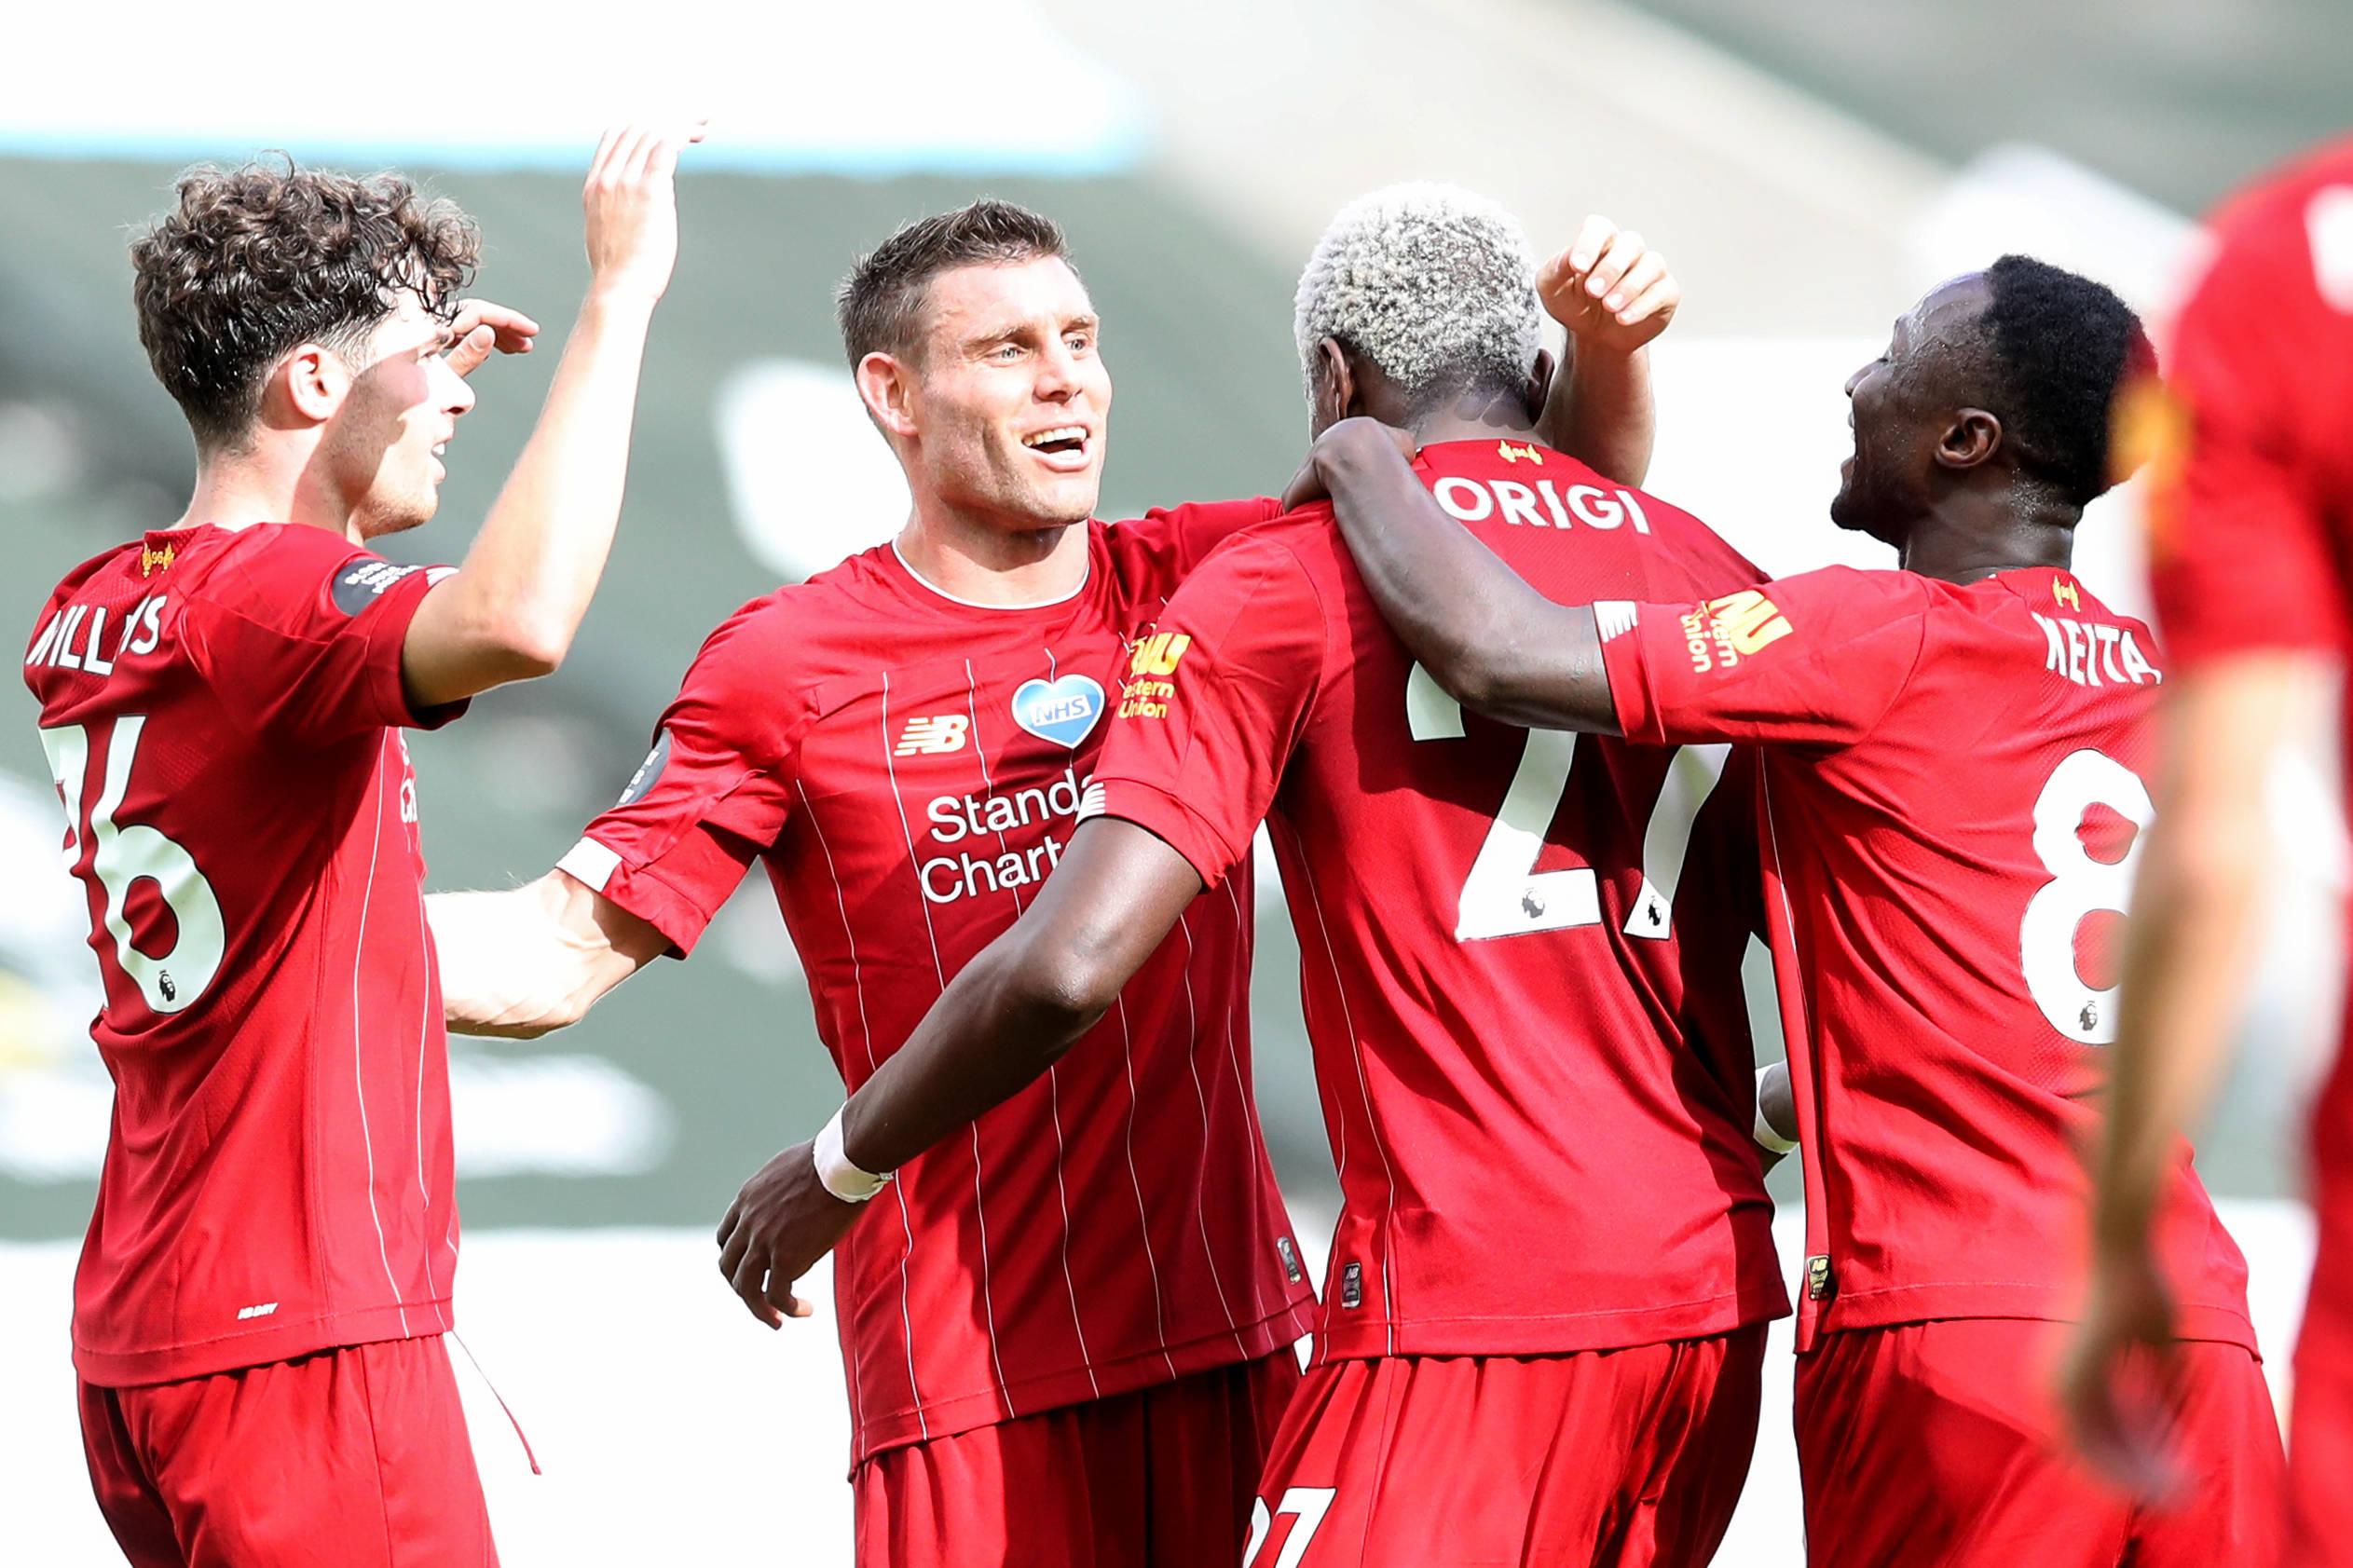 单赛季32胜!利物浦平曼城英超纪录 创队史最高分